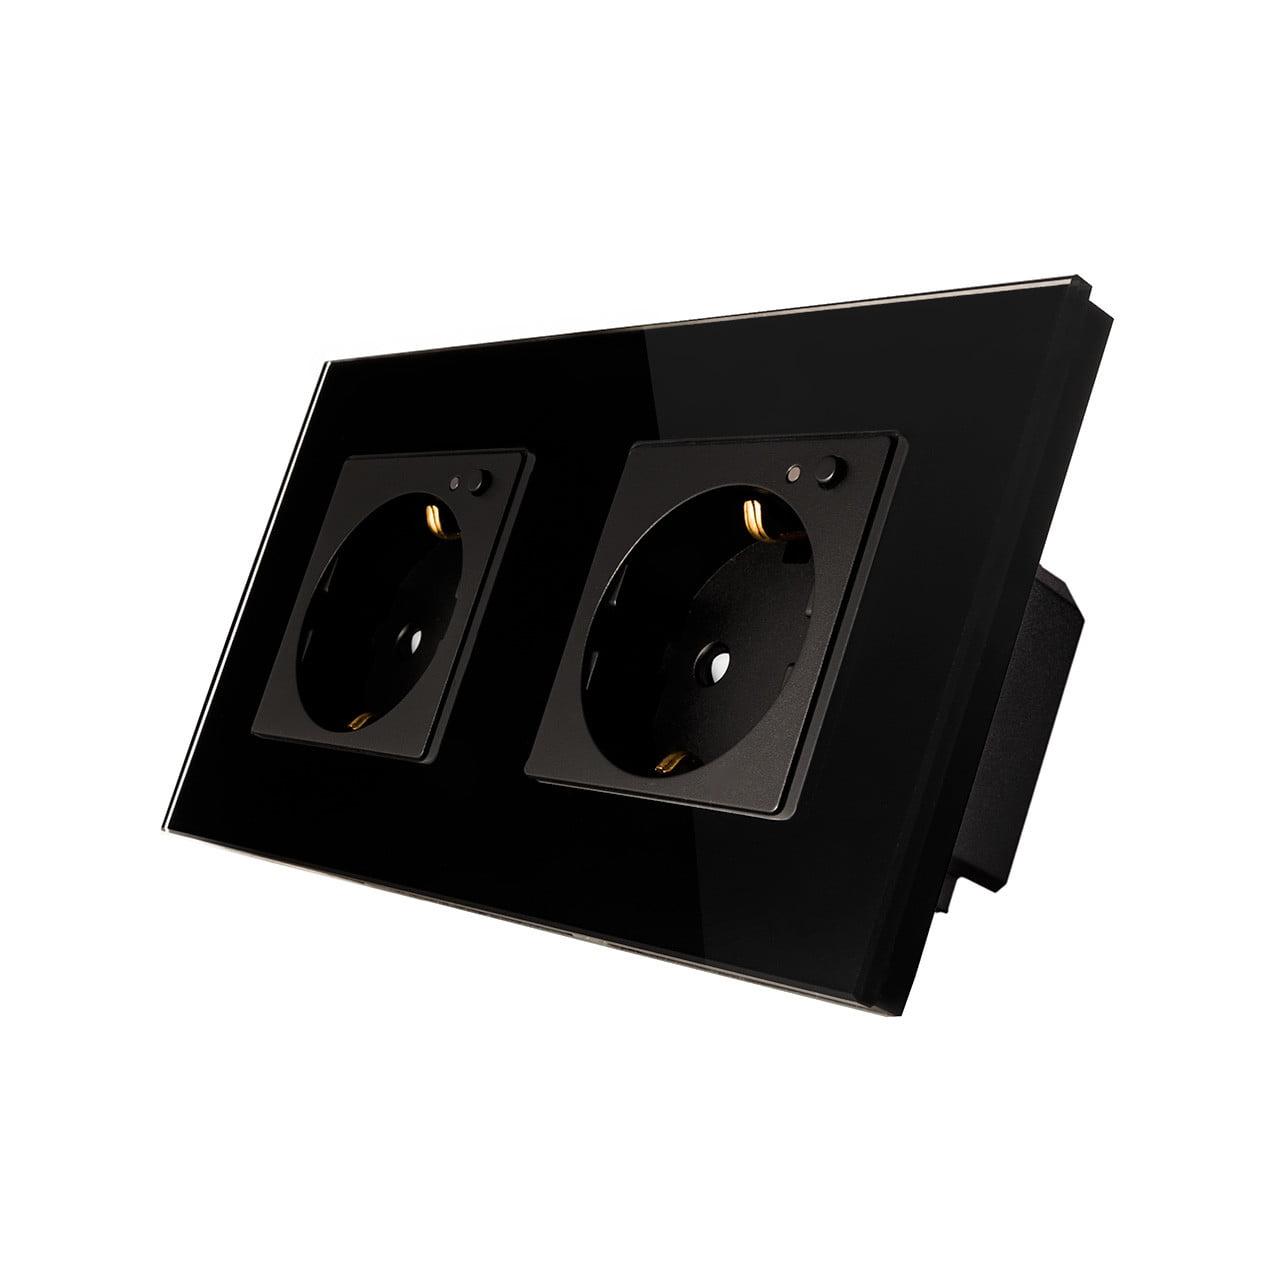 Priza Schuko dubla cu buton pornire/oprire si indicator LED